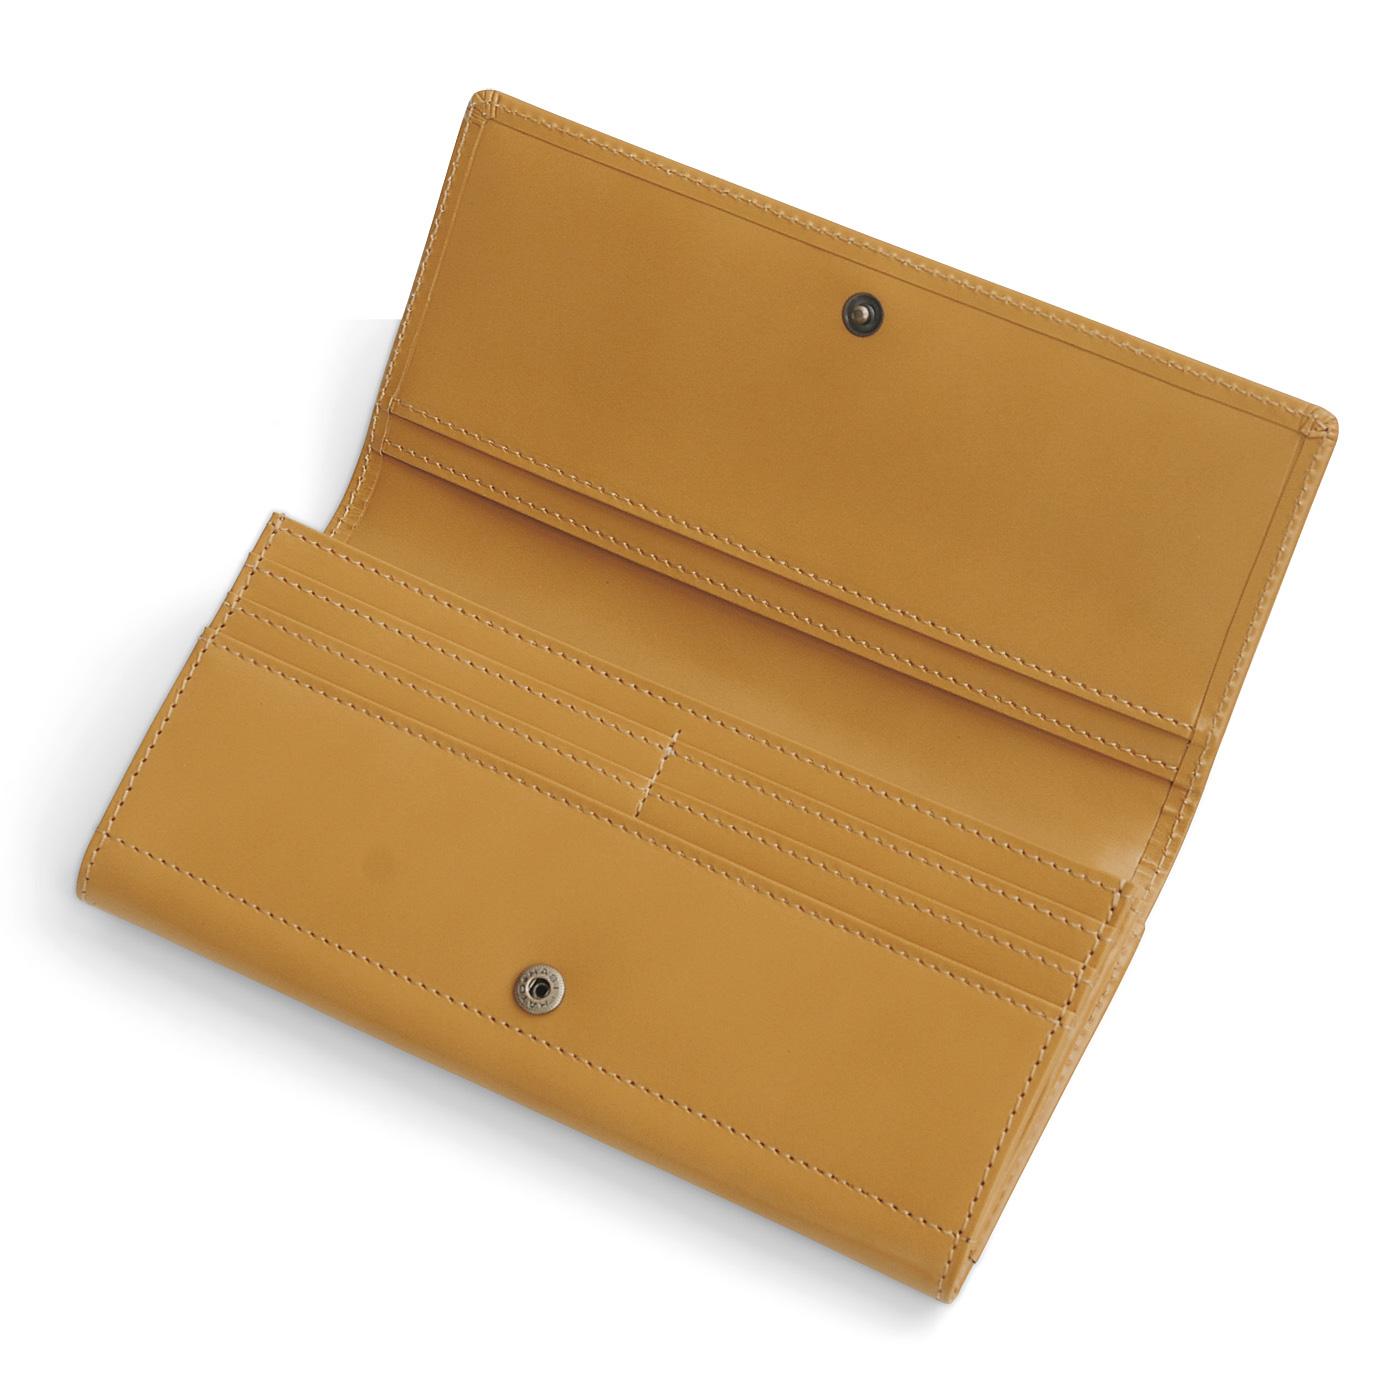 カードポケットは16枚収納。オープンポケットも充実。